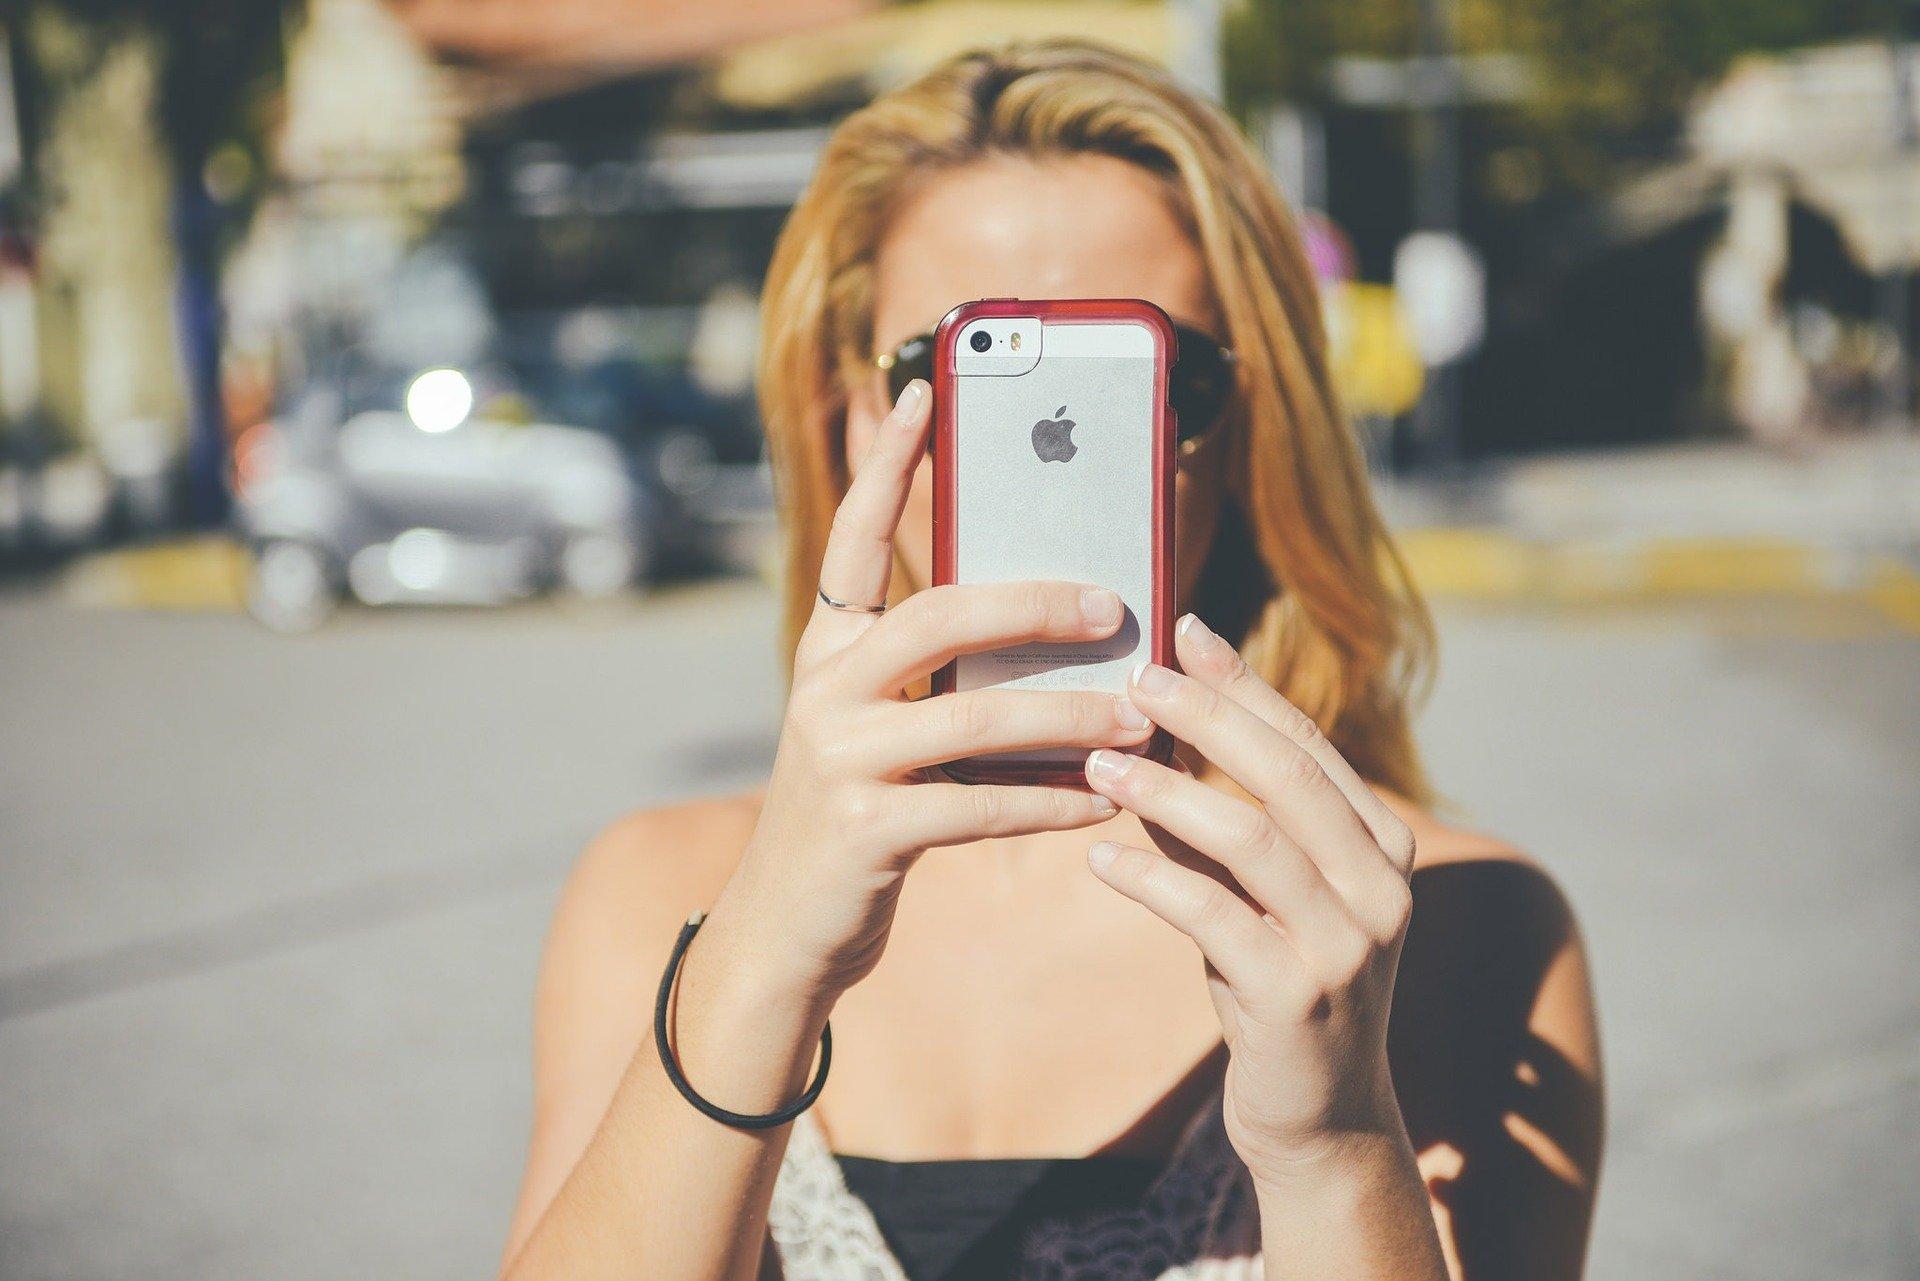 Femme avec un iphone dans les mains